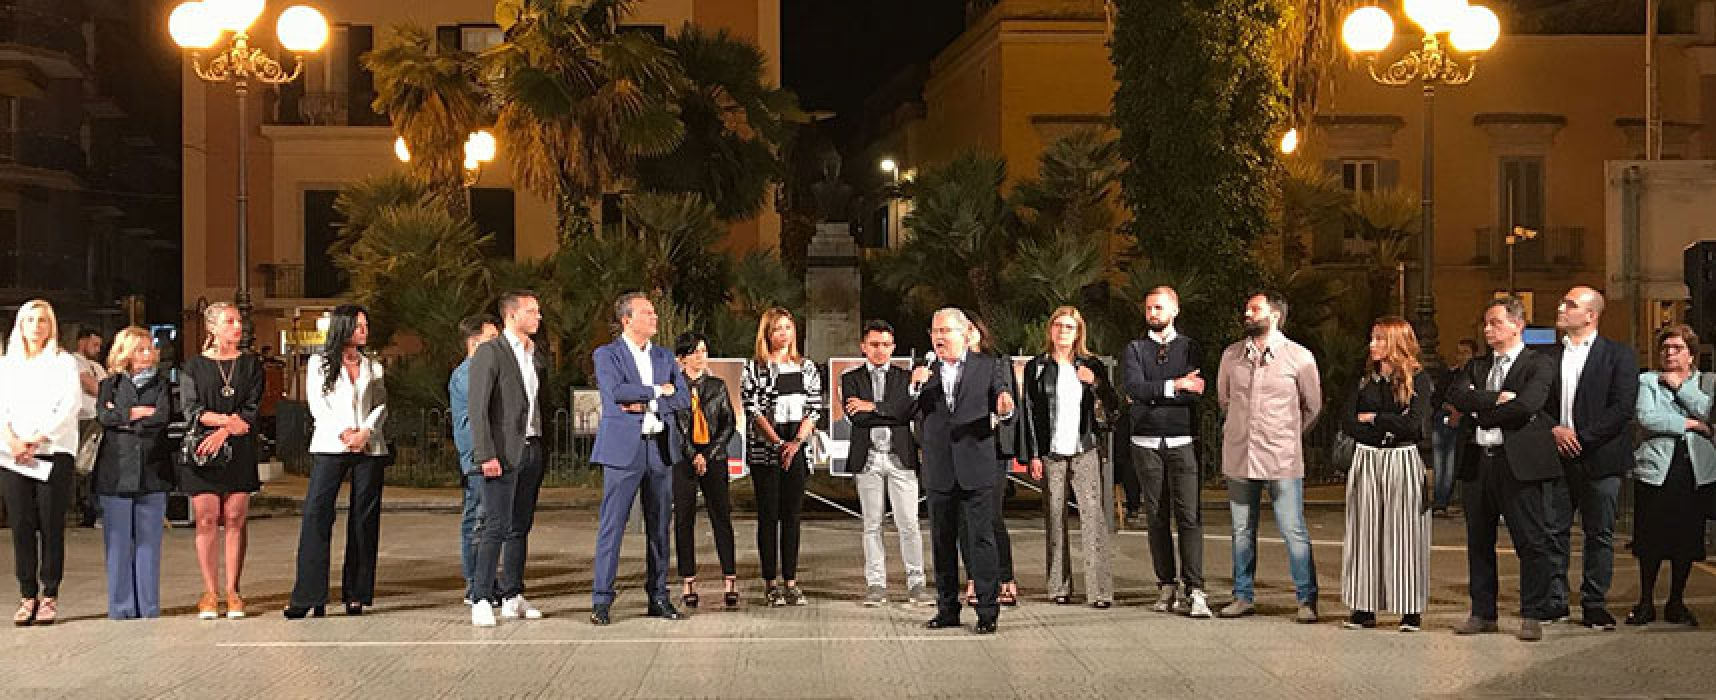 """Napoletano e Spina presentano le liste: """"Numero sterminato di opere pubbliche, non sprechiamo tutto"""""""